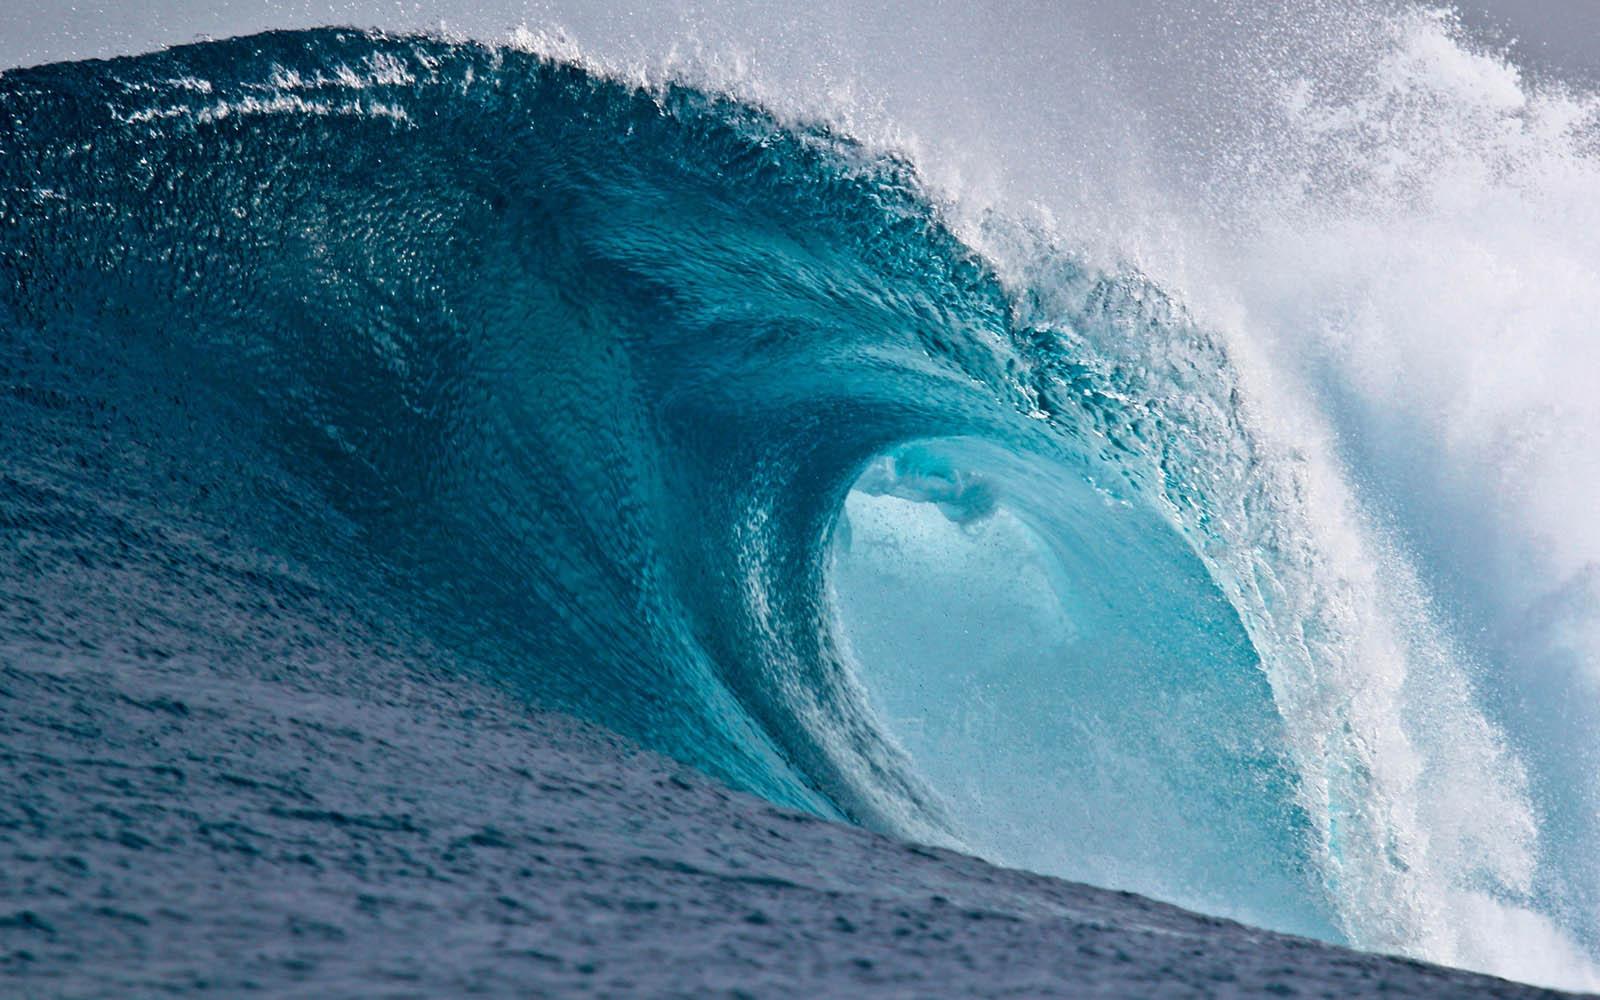 Big Wave Wallpapers Desktop Wallpaper 1600x1000